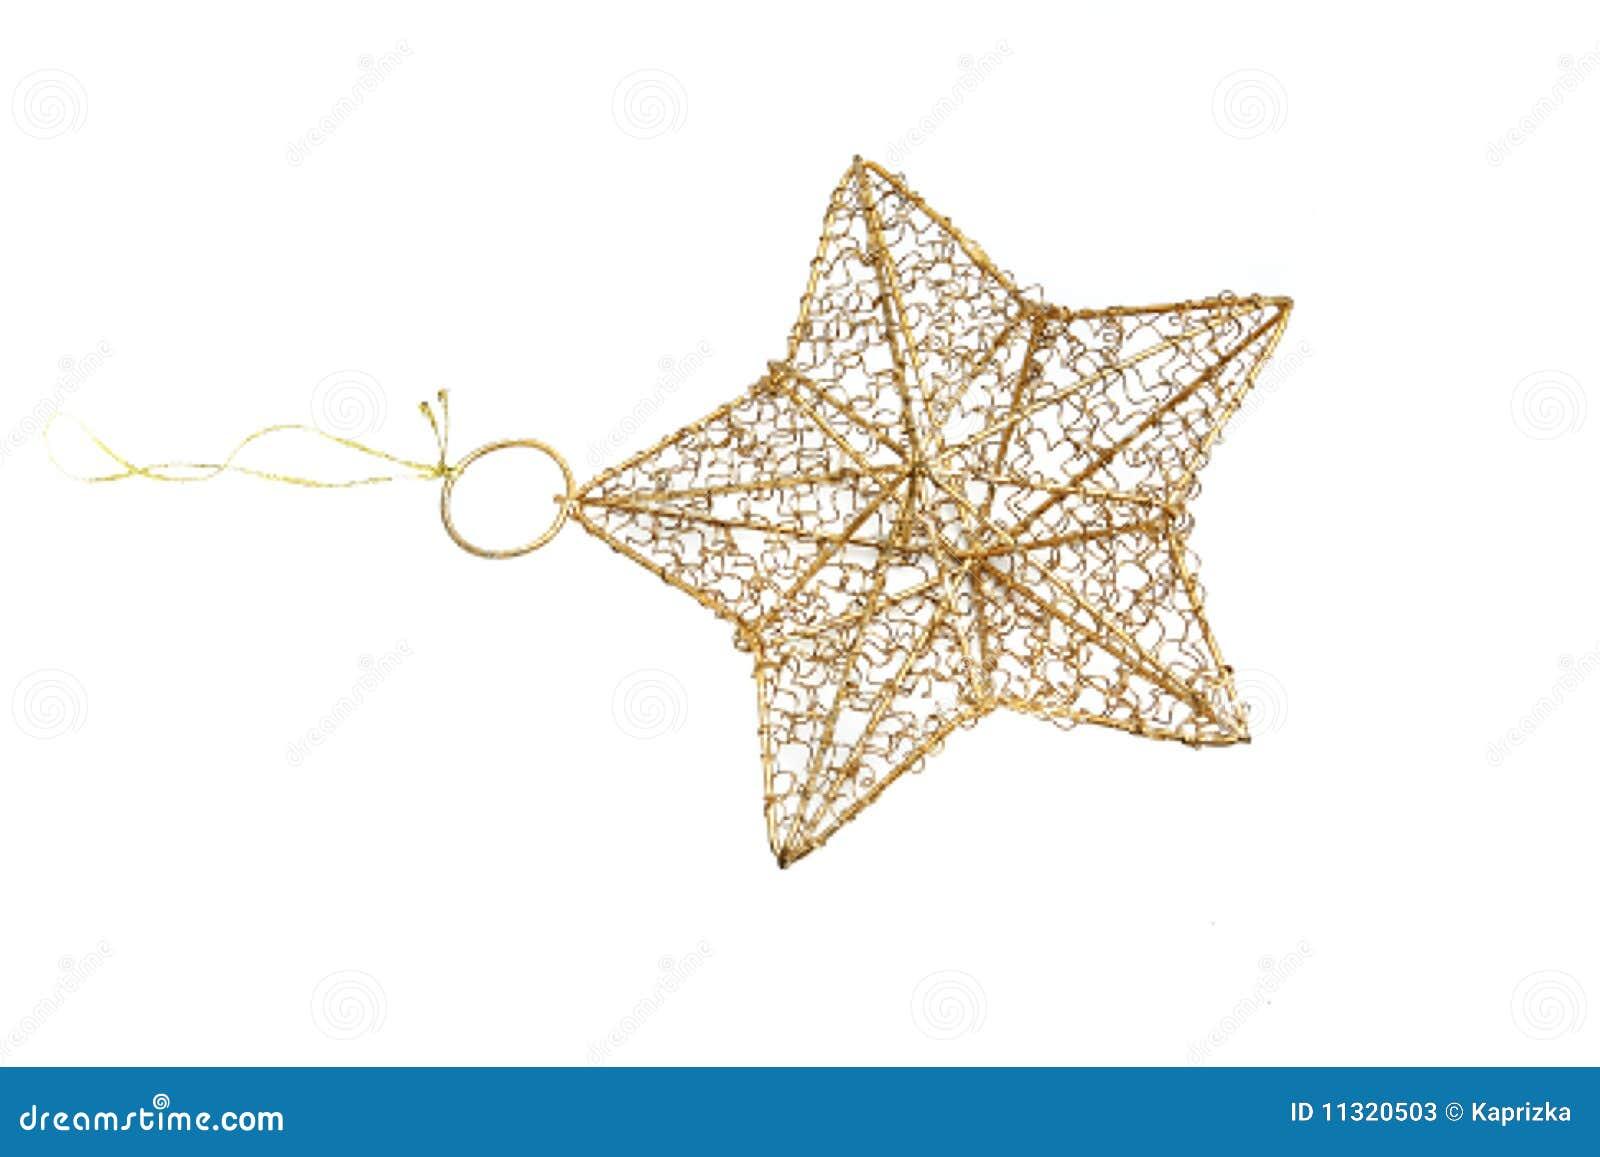 Weihnachtsstern getrennt auf weißem Hintergrund